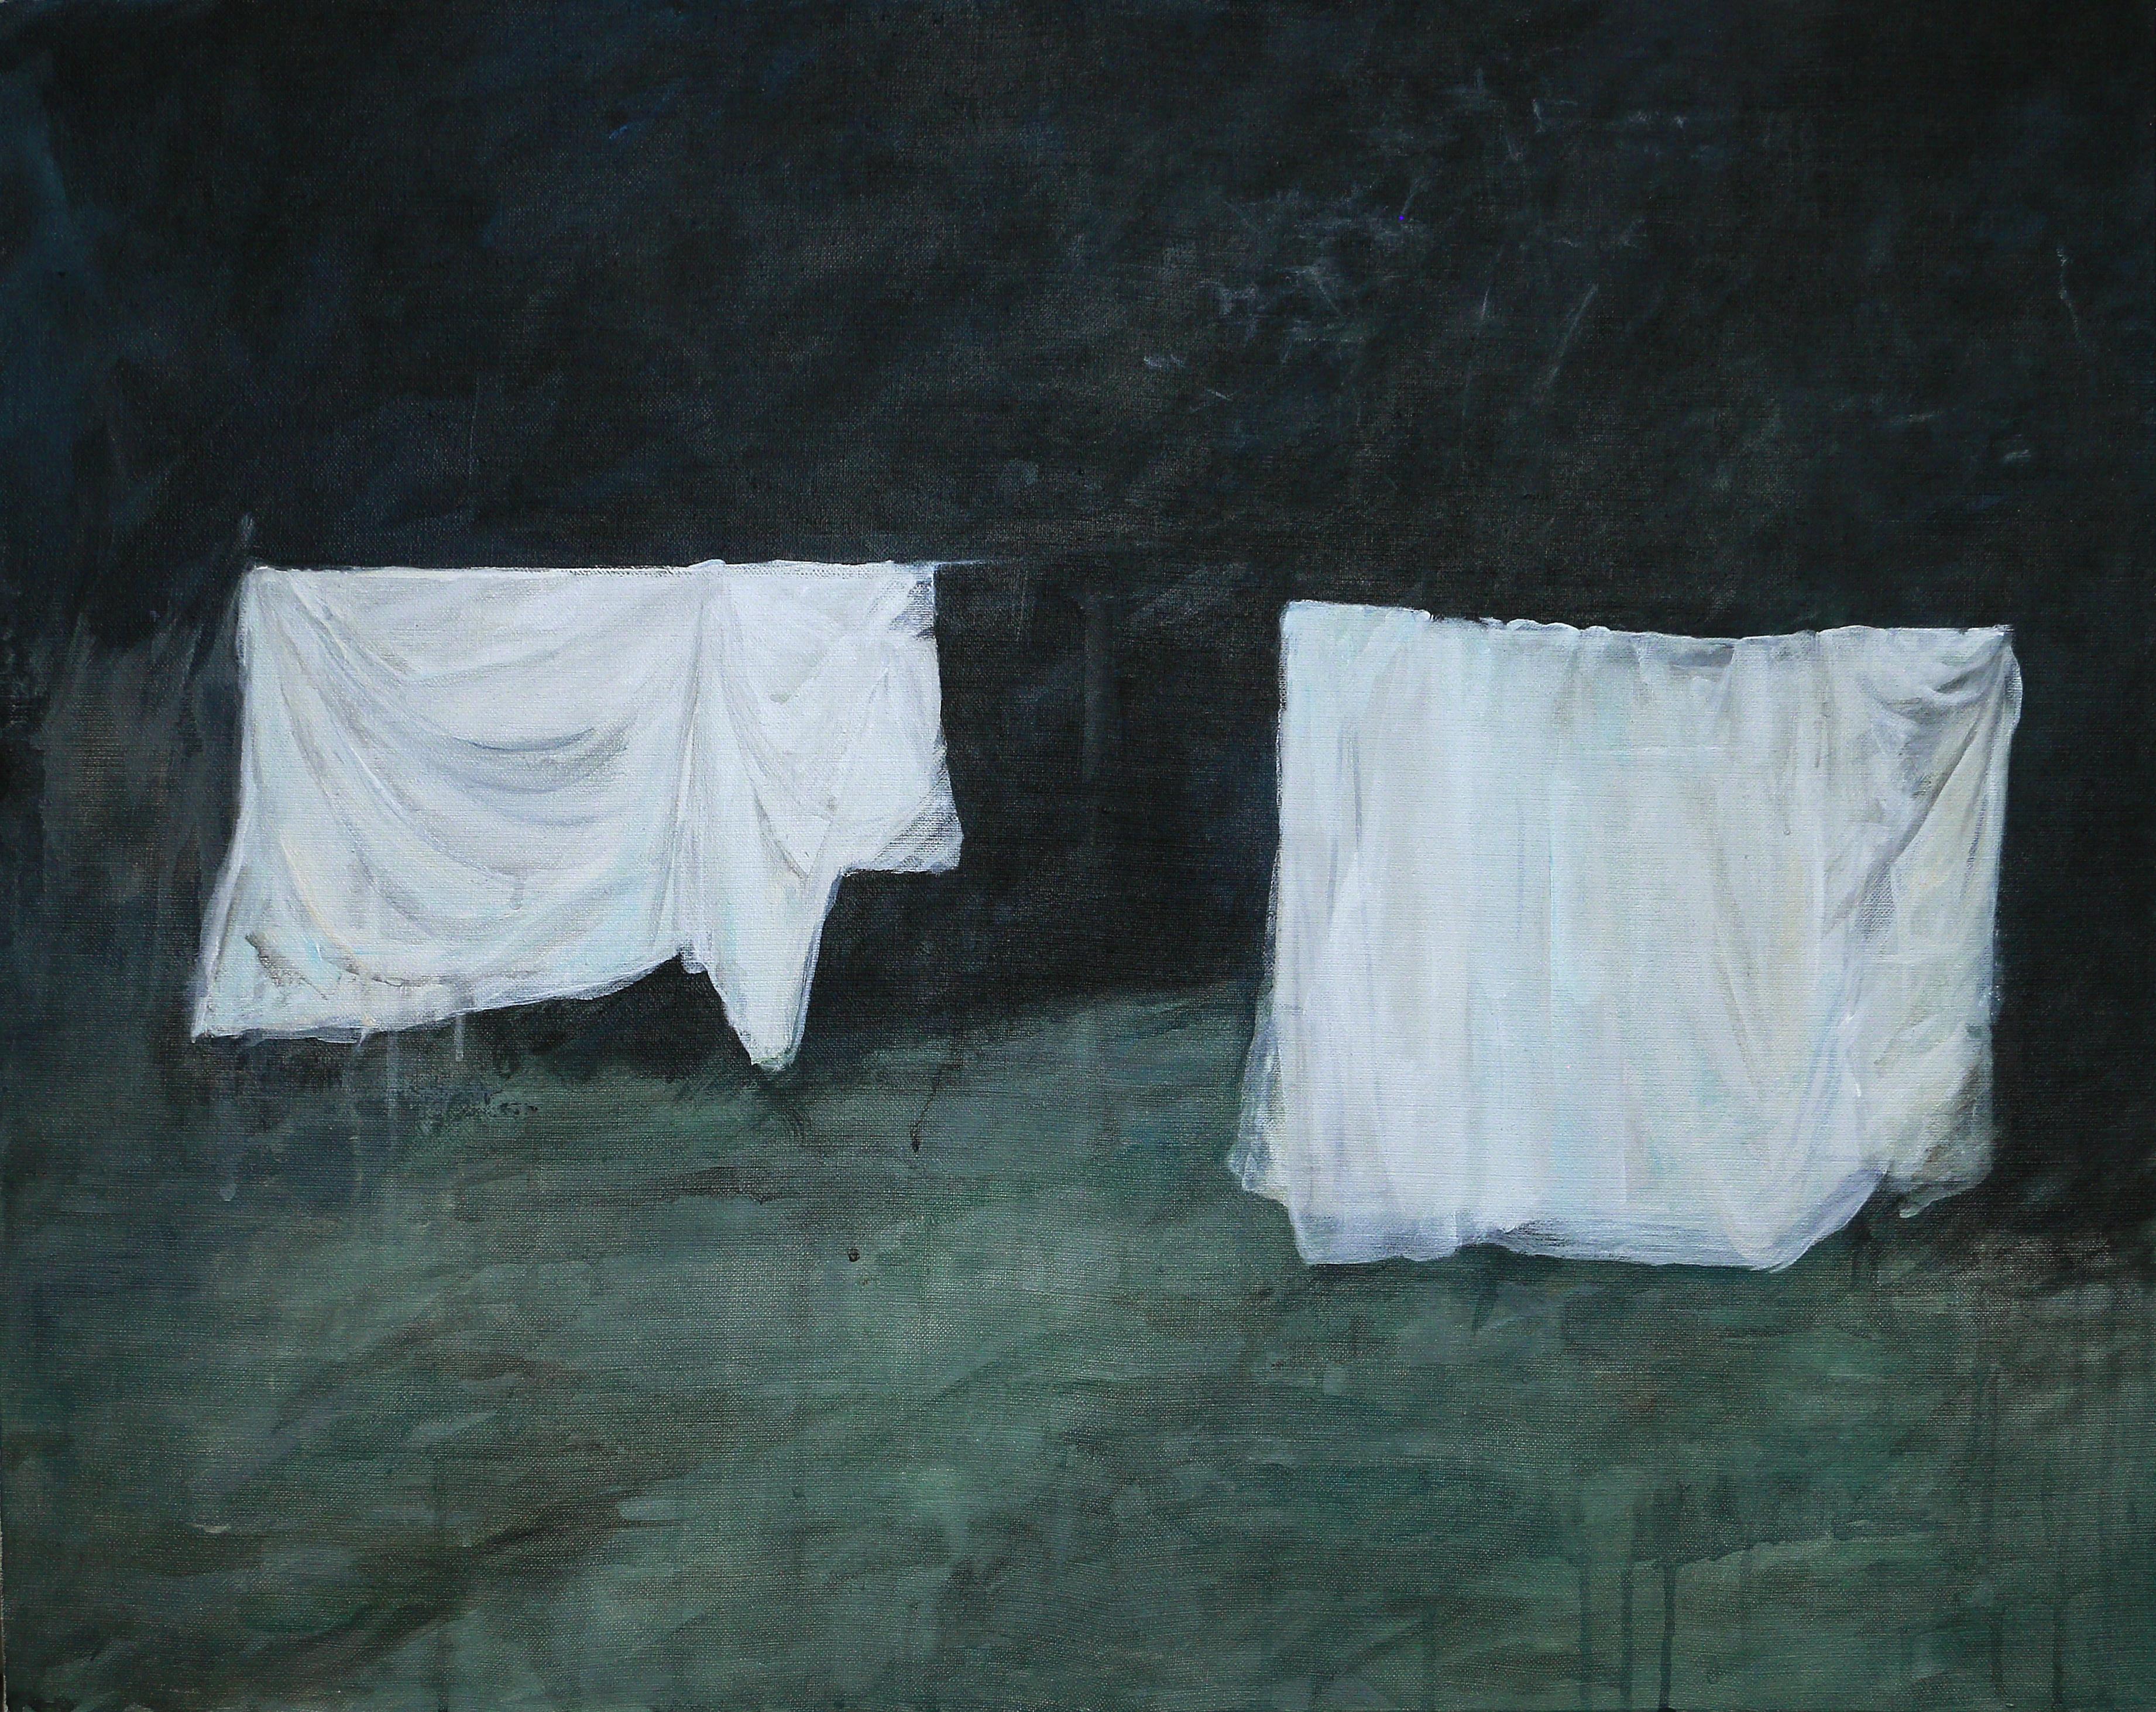 LINGES BLANCS, 2018, acrylique sur toile, 65 x 81 cm